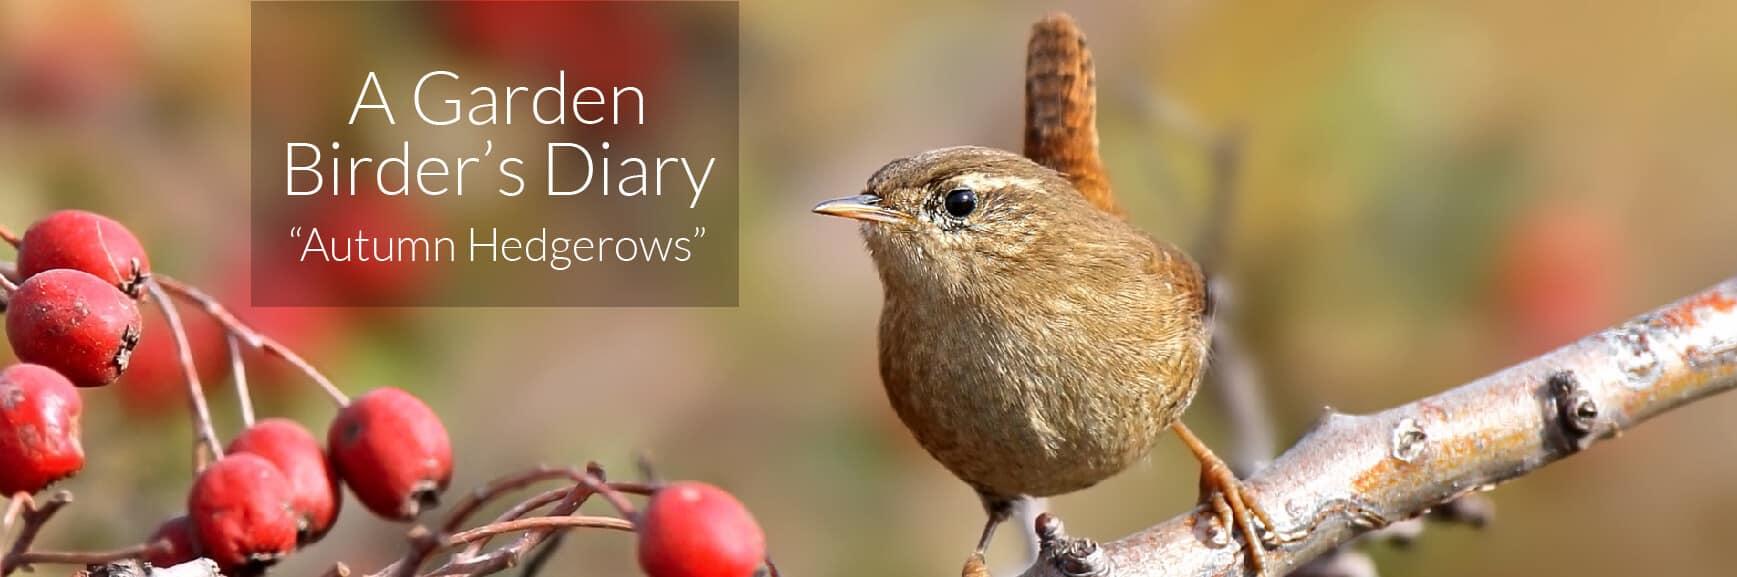 A Garden Birder's Diary – Autumn Hedgerows